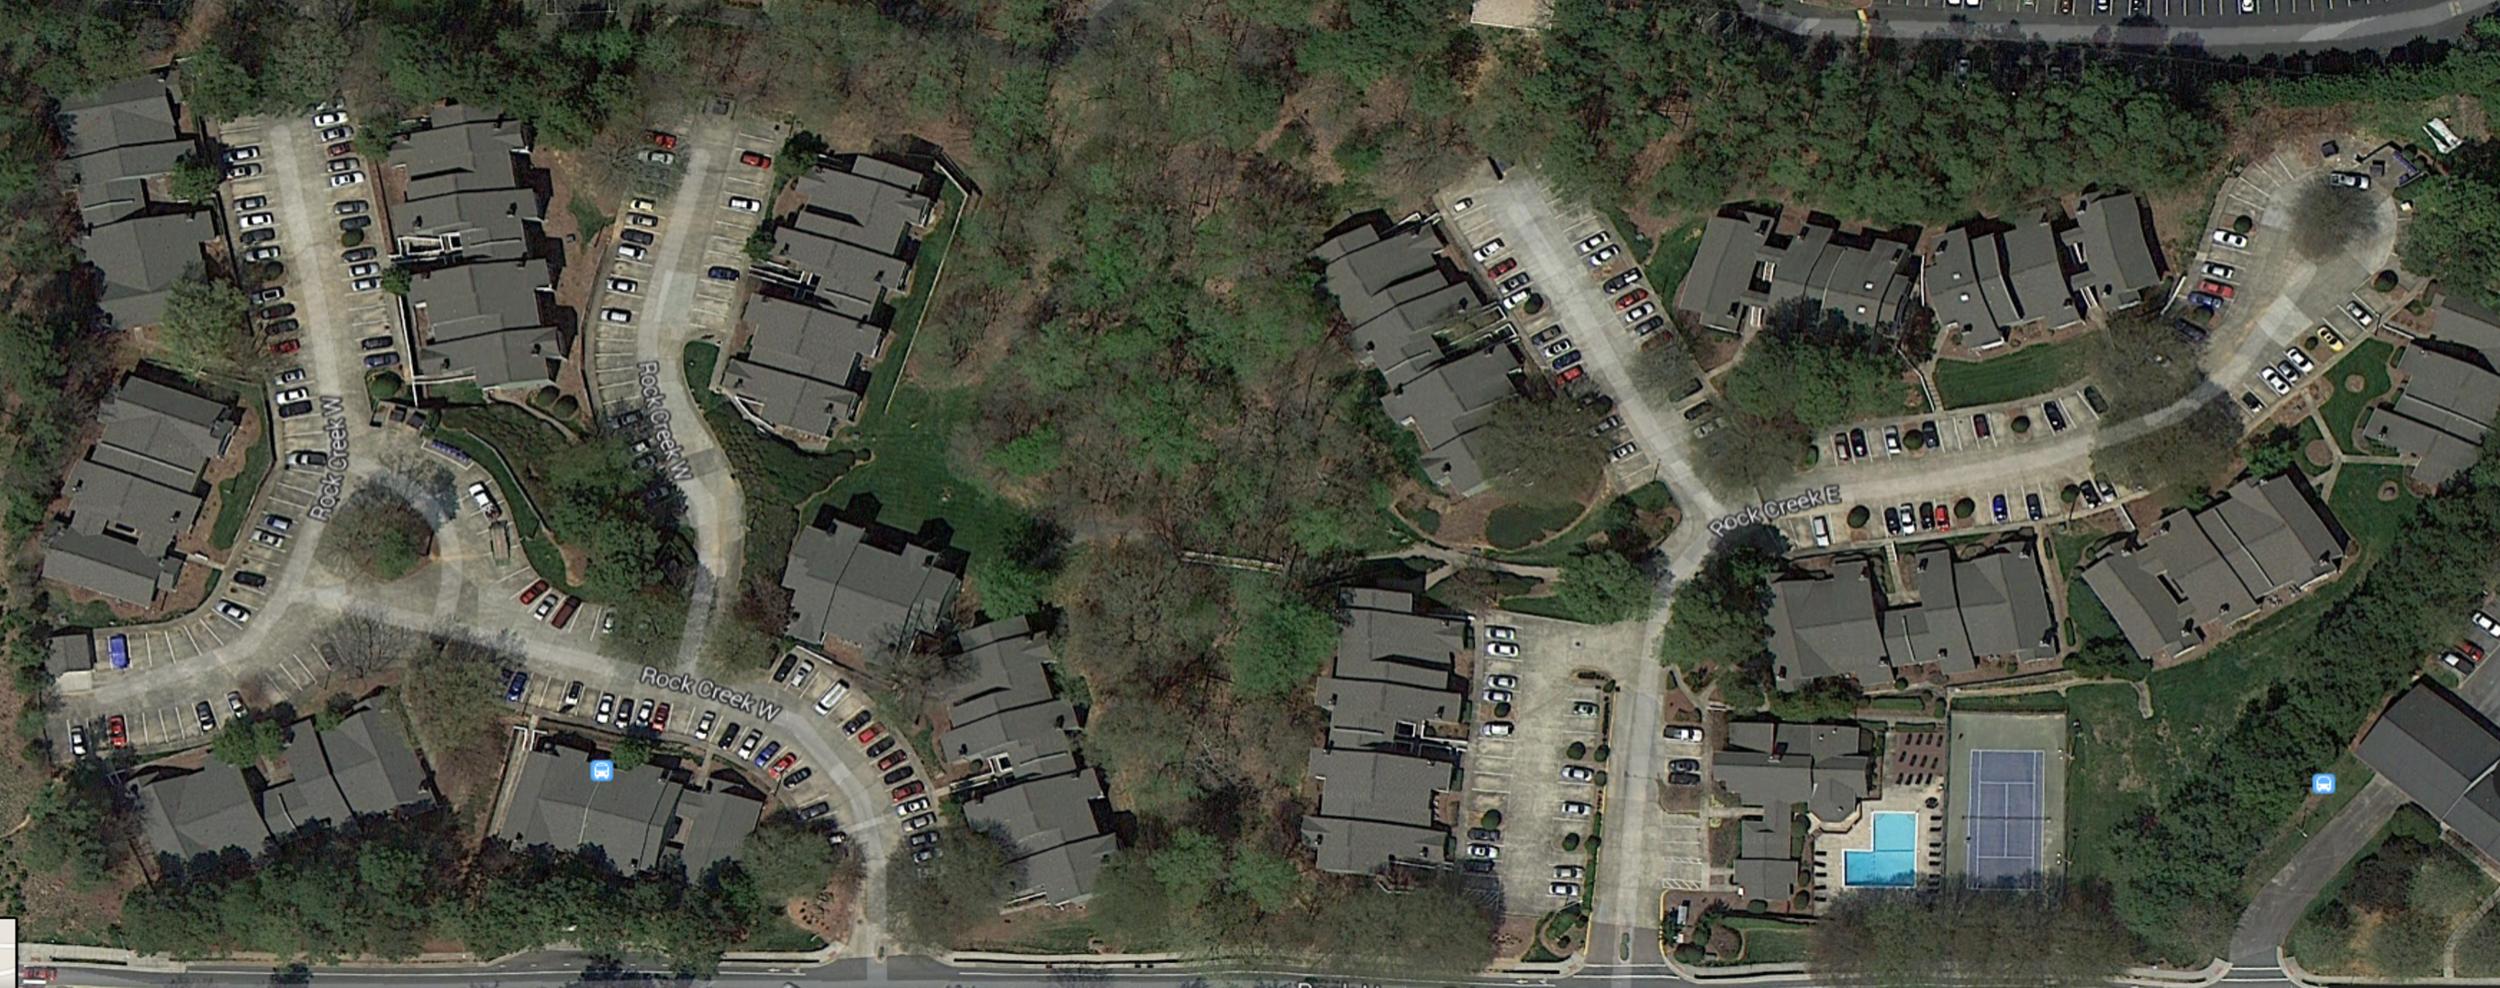 Rock Creek aerial.jpg.png